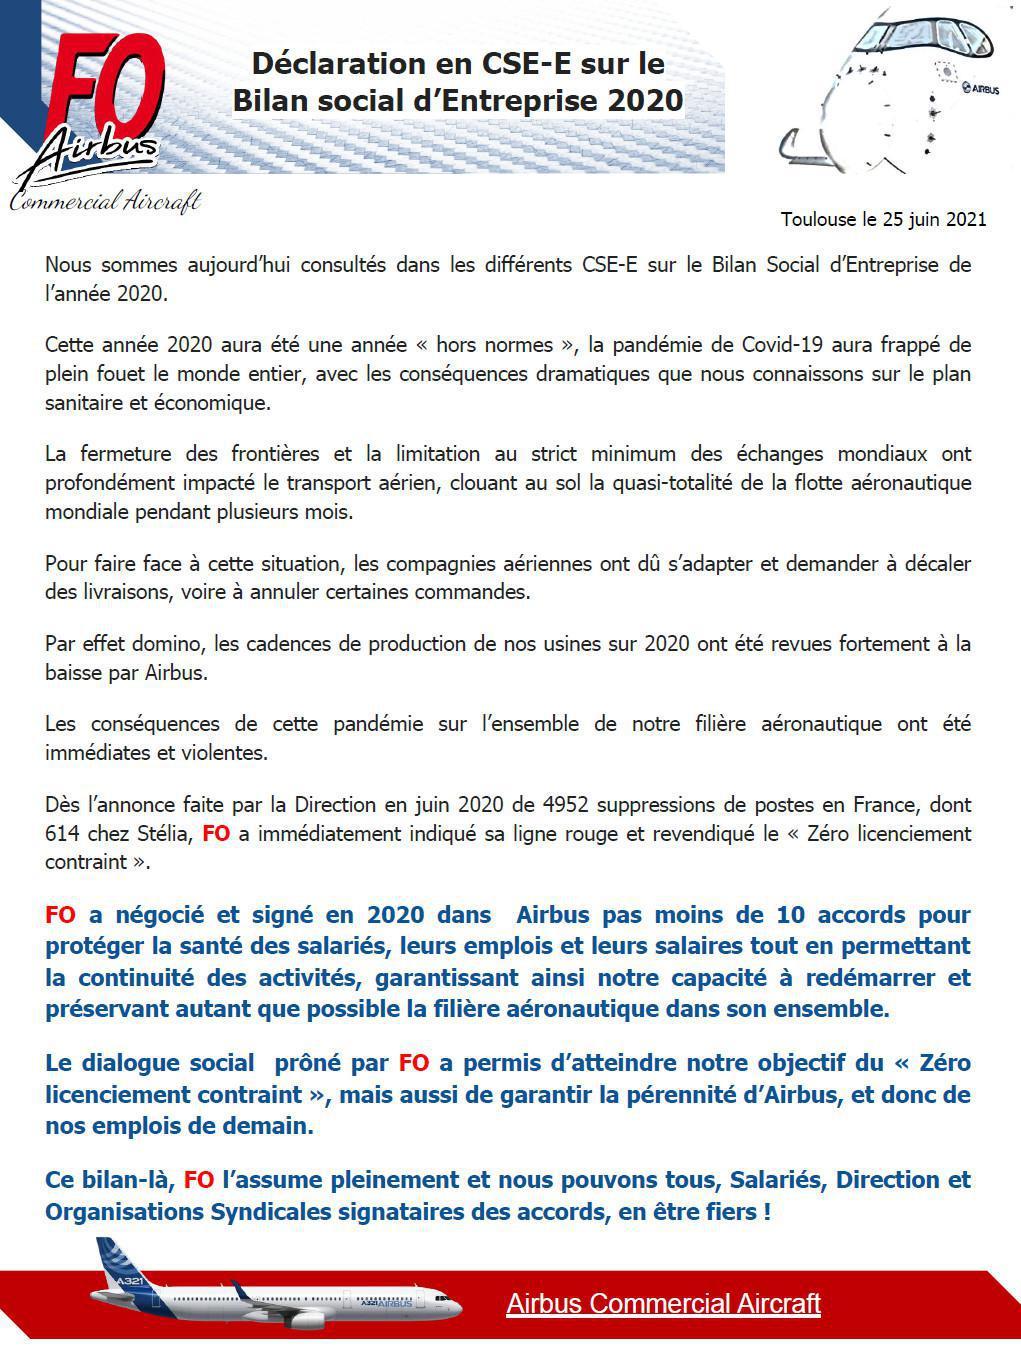 Déclaration en CSE-E sur le Bilan social d'Entreprise 2020